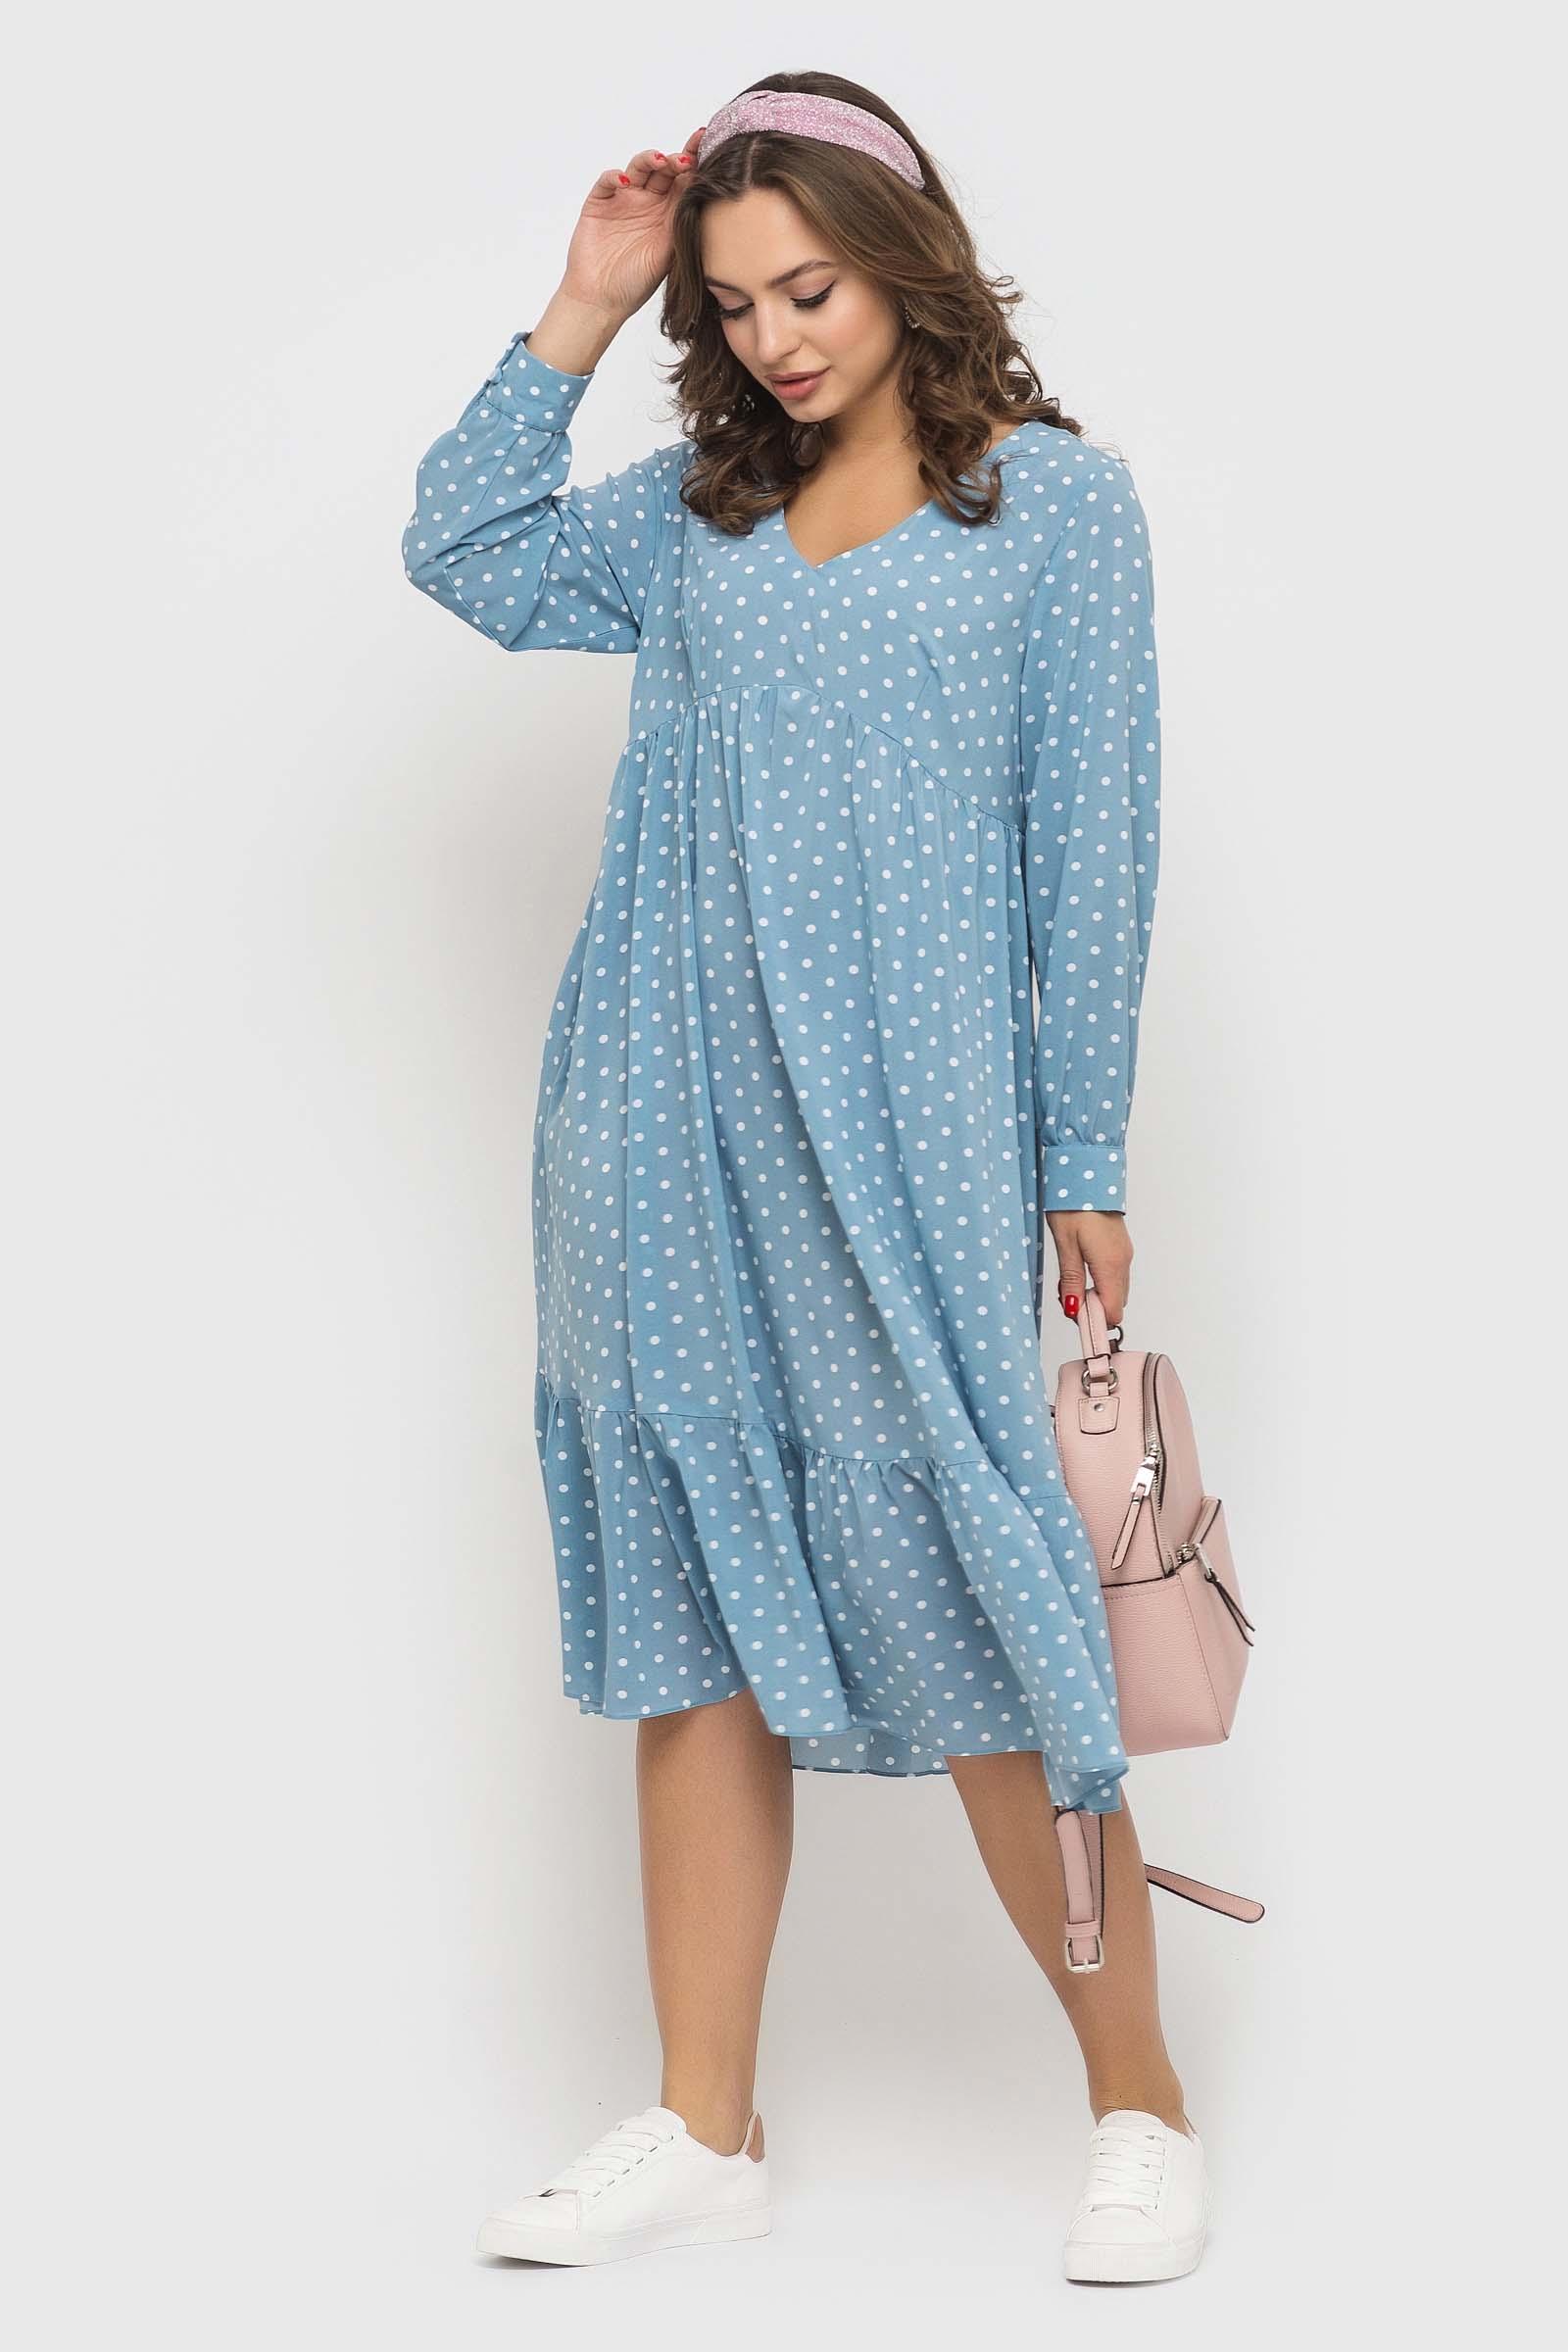 be art 2020 04 07181968 Купить платье